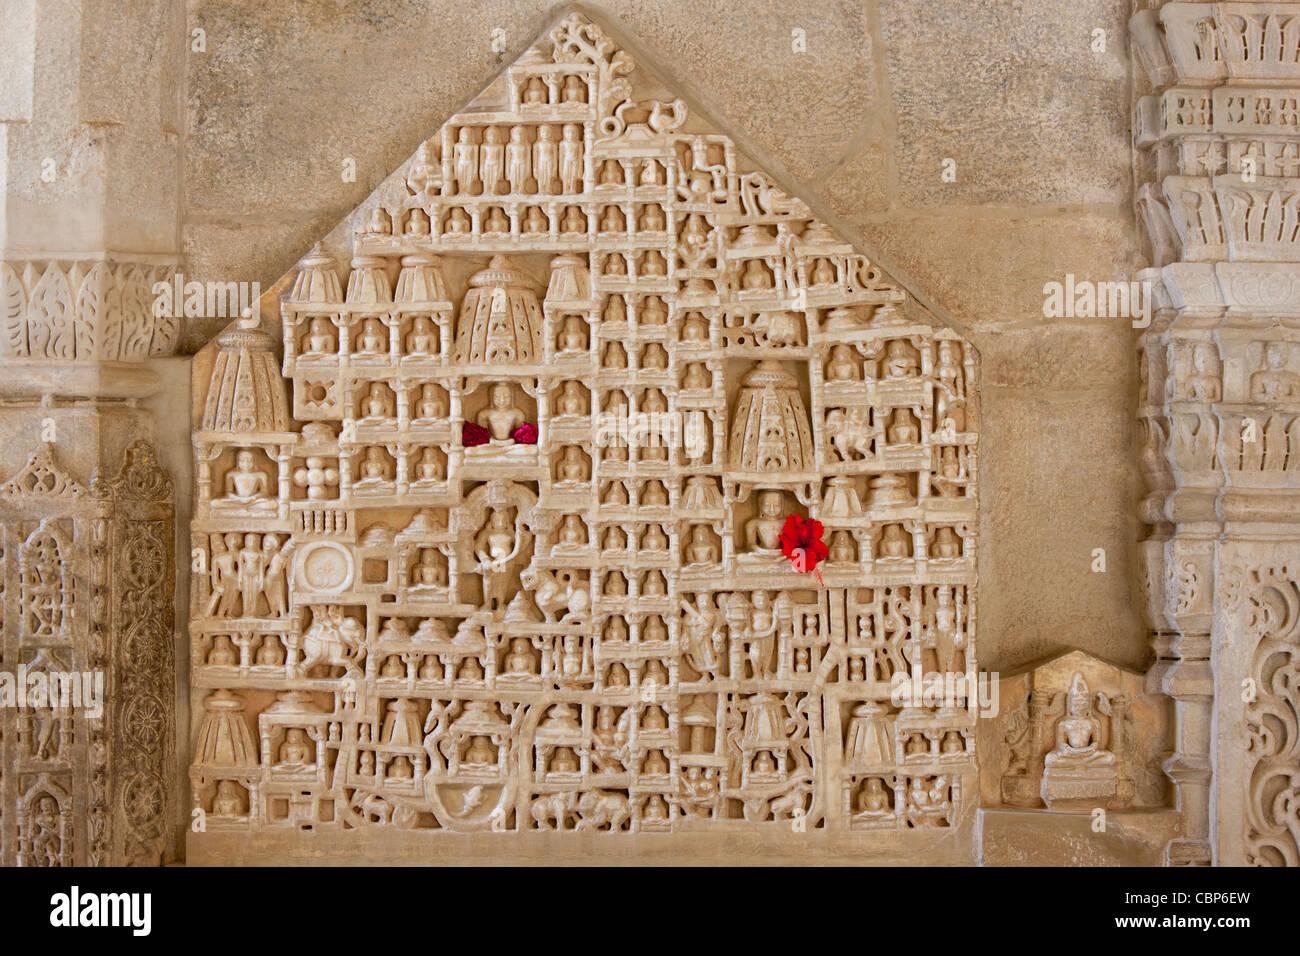 Icono religioso tallas de mármol blanco en el Ranakpur Jain temple en Tehsil Desuri en Pali distrito de Rajasthan, Imagen De Stock